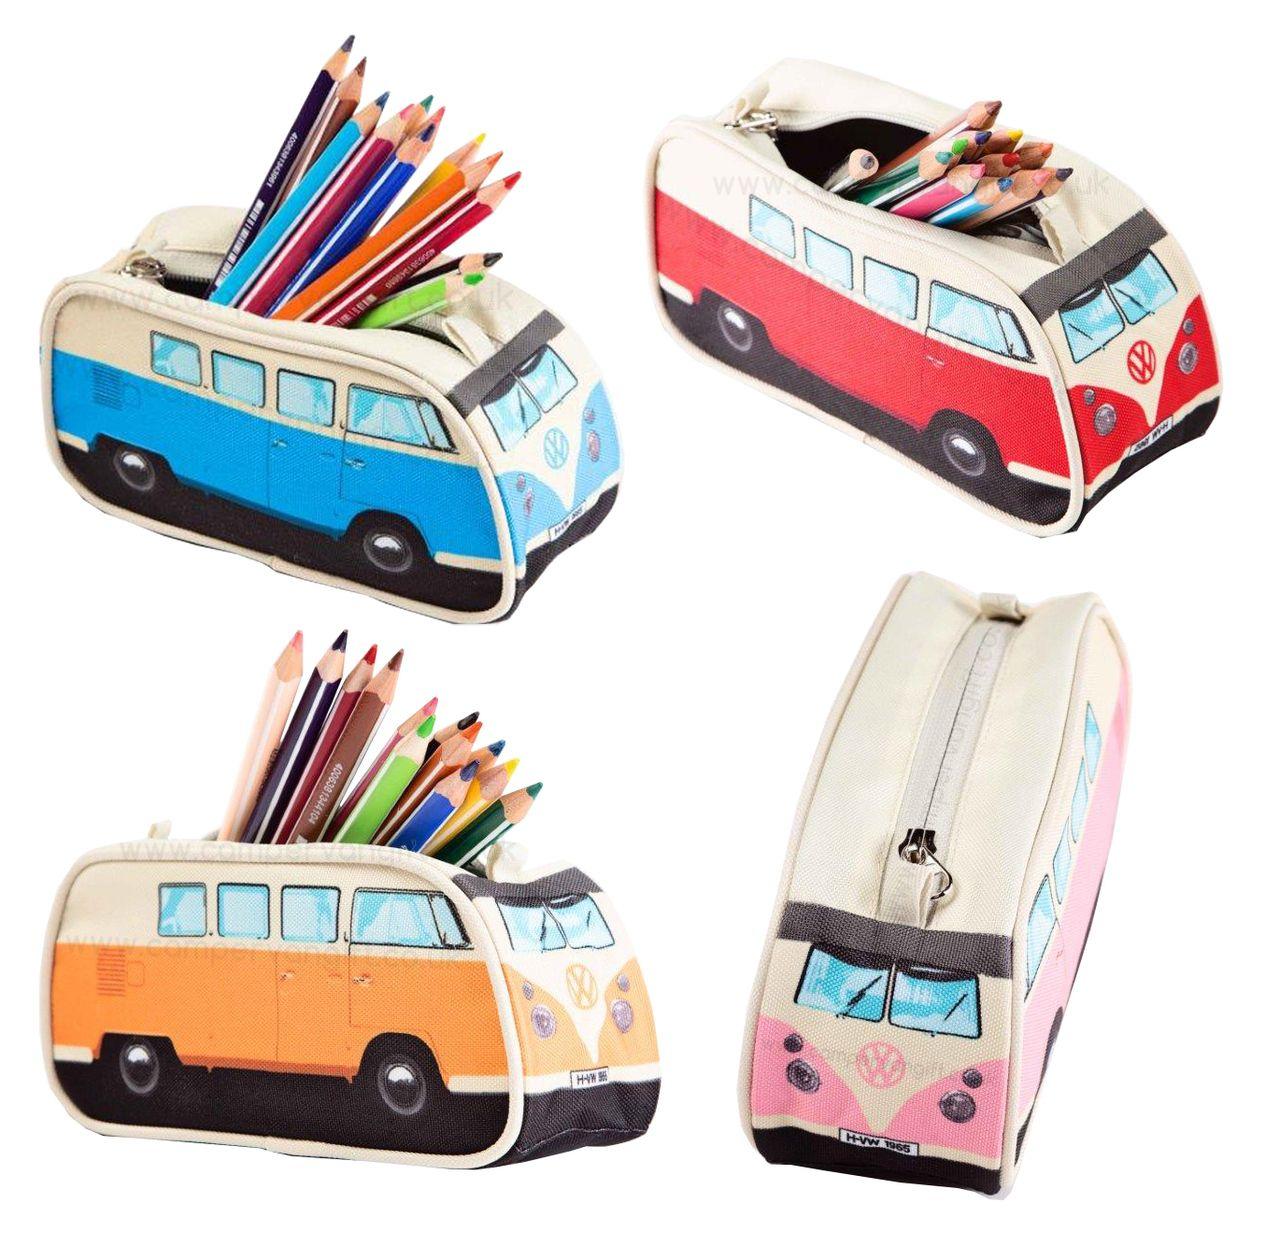 Campervan Gift - Official Volkswagen Campervan Pencil Case, £6.95 (http://www.campervangift.co.uk/official-volkswagen-campervan-pencil-case/)